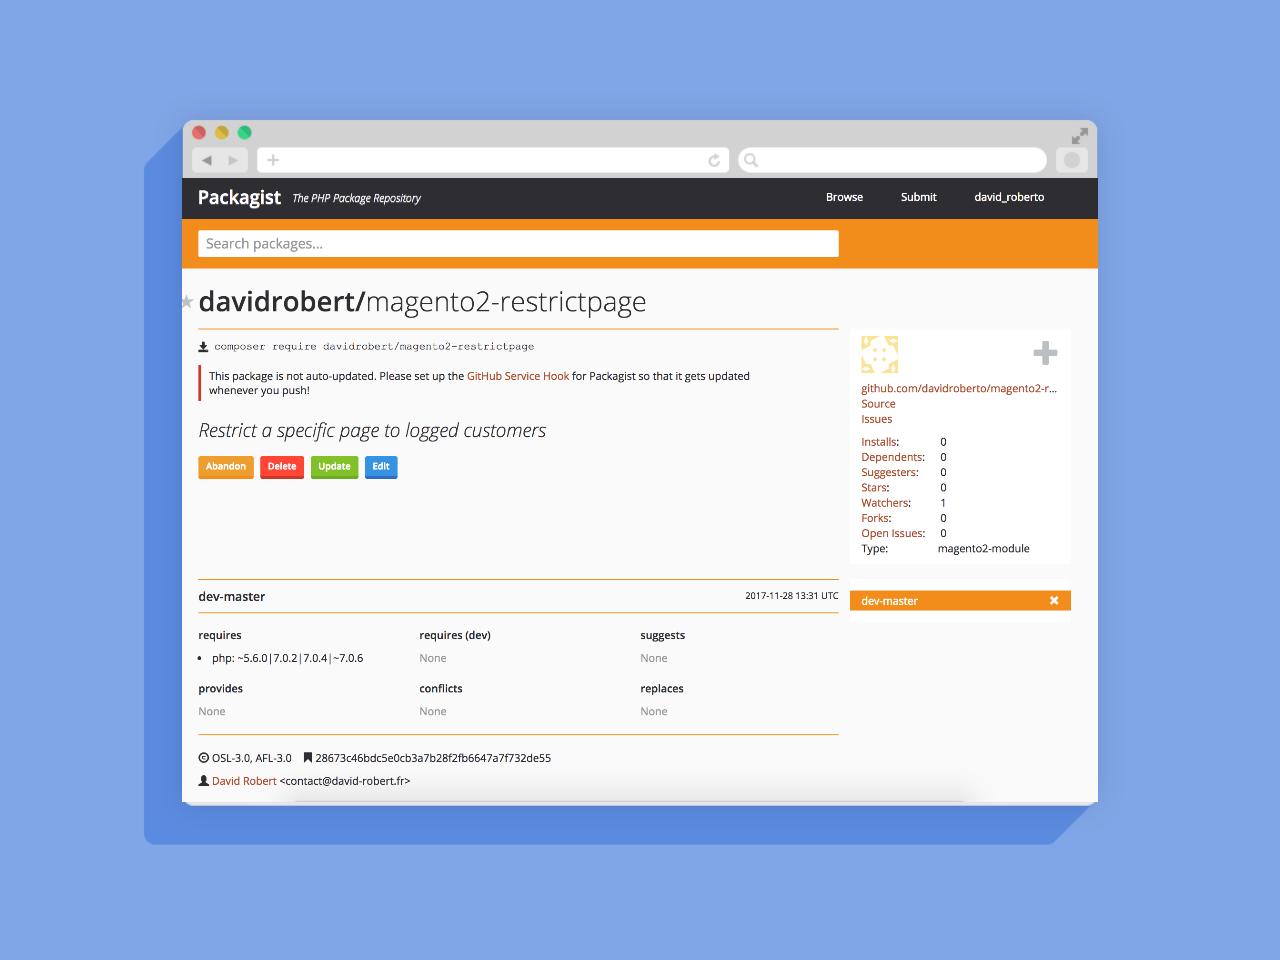 Open Source / Free : Développement d'un module Magento 2 pour restreindre l'accès à certaines pages